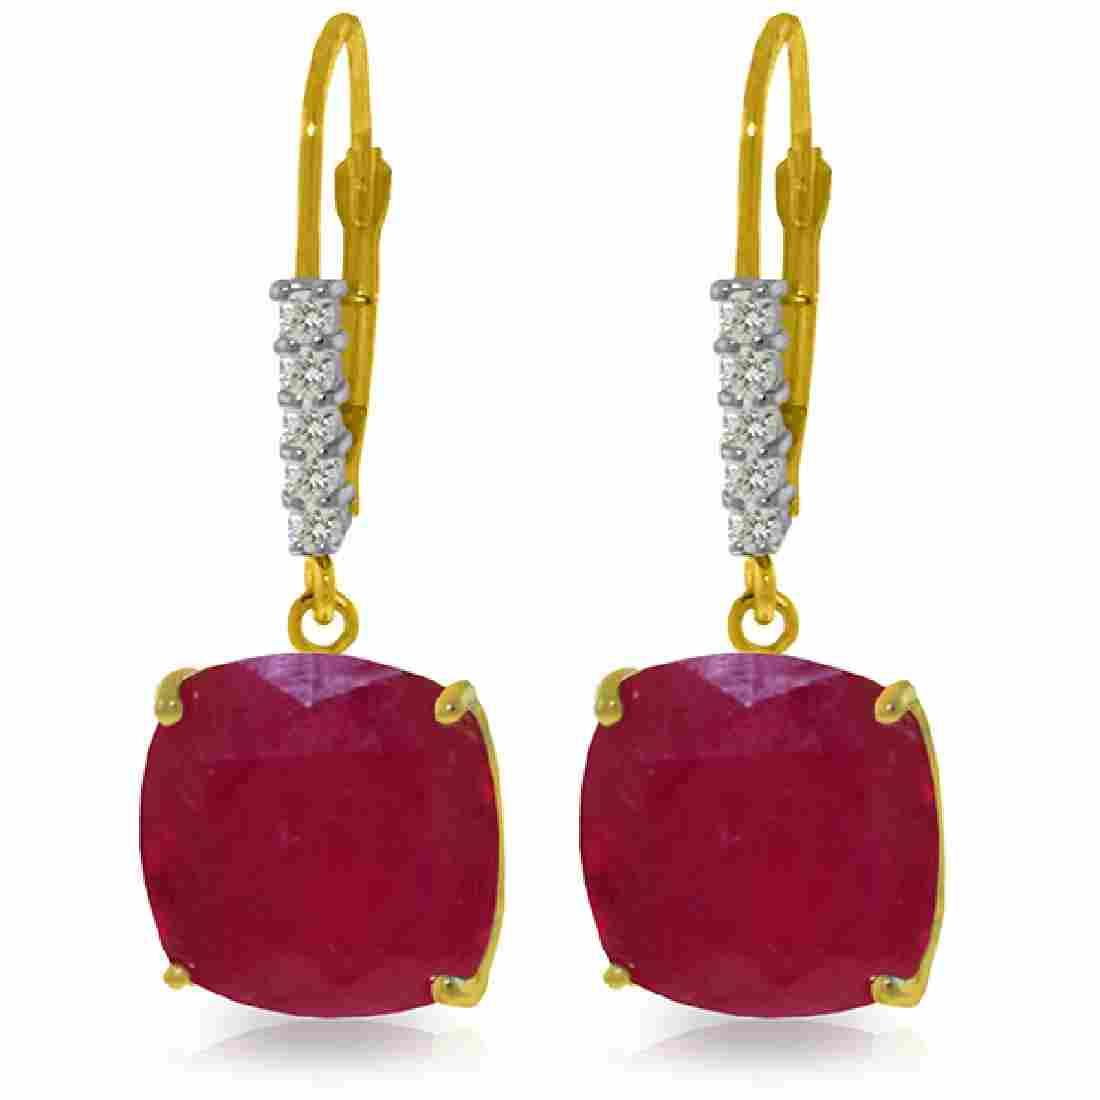 Genuine 13.65 ctw Ruby & Diamond Earrings Jewelry 14KT